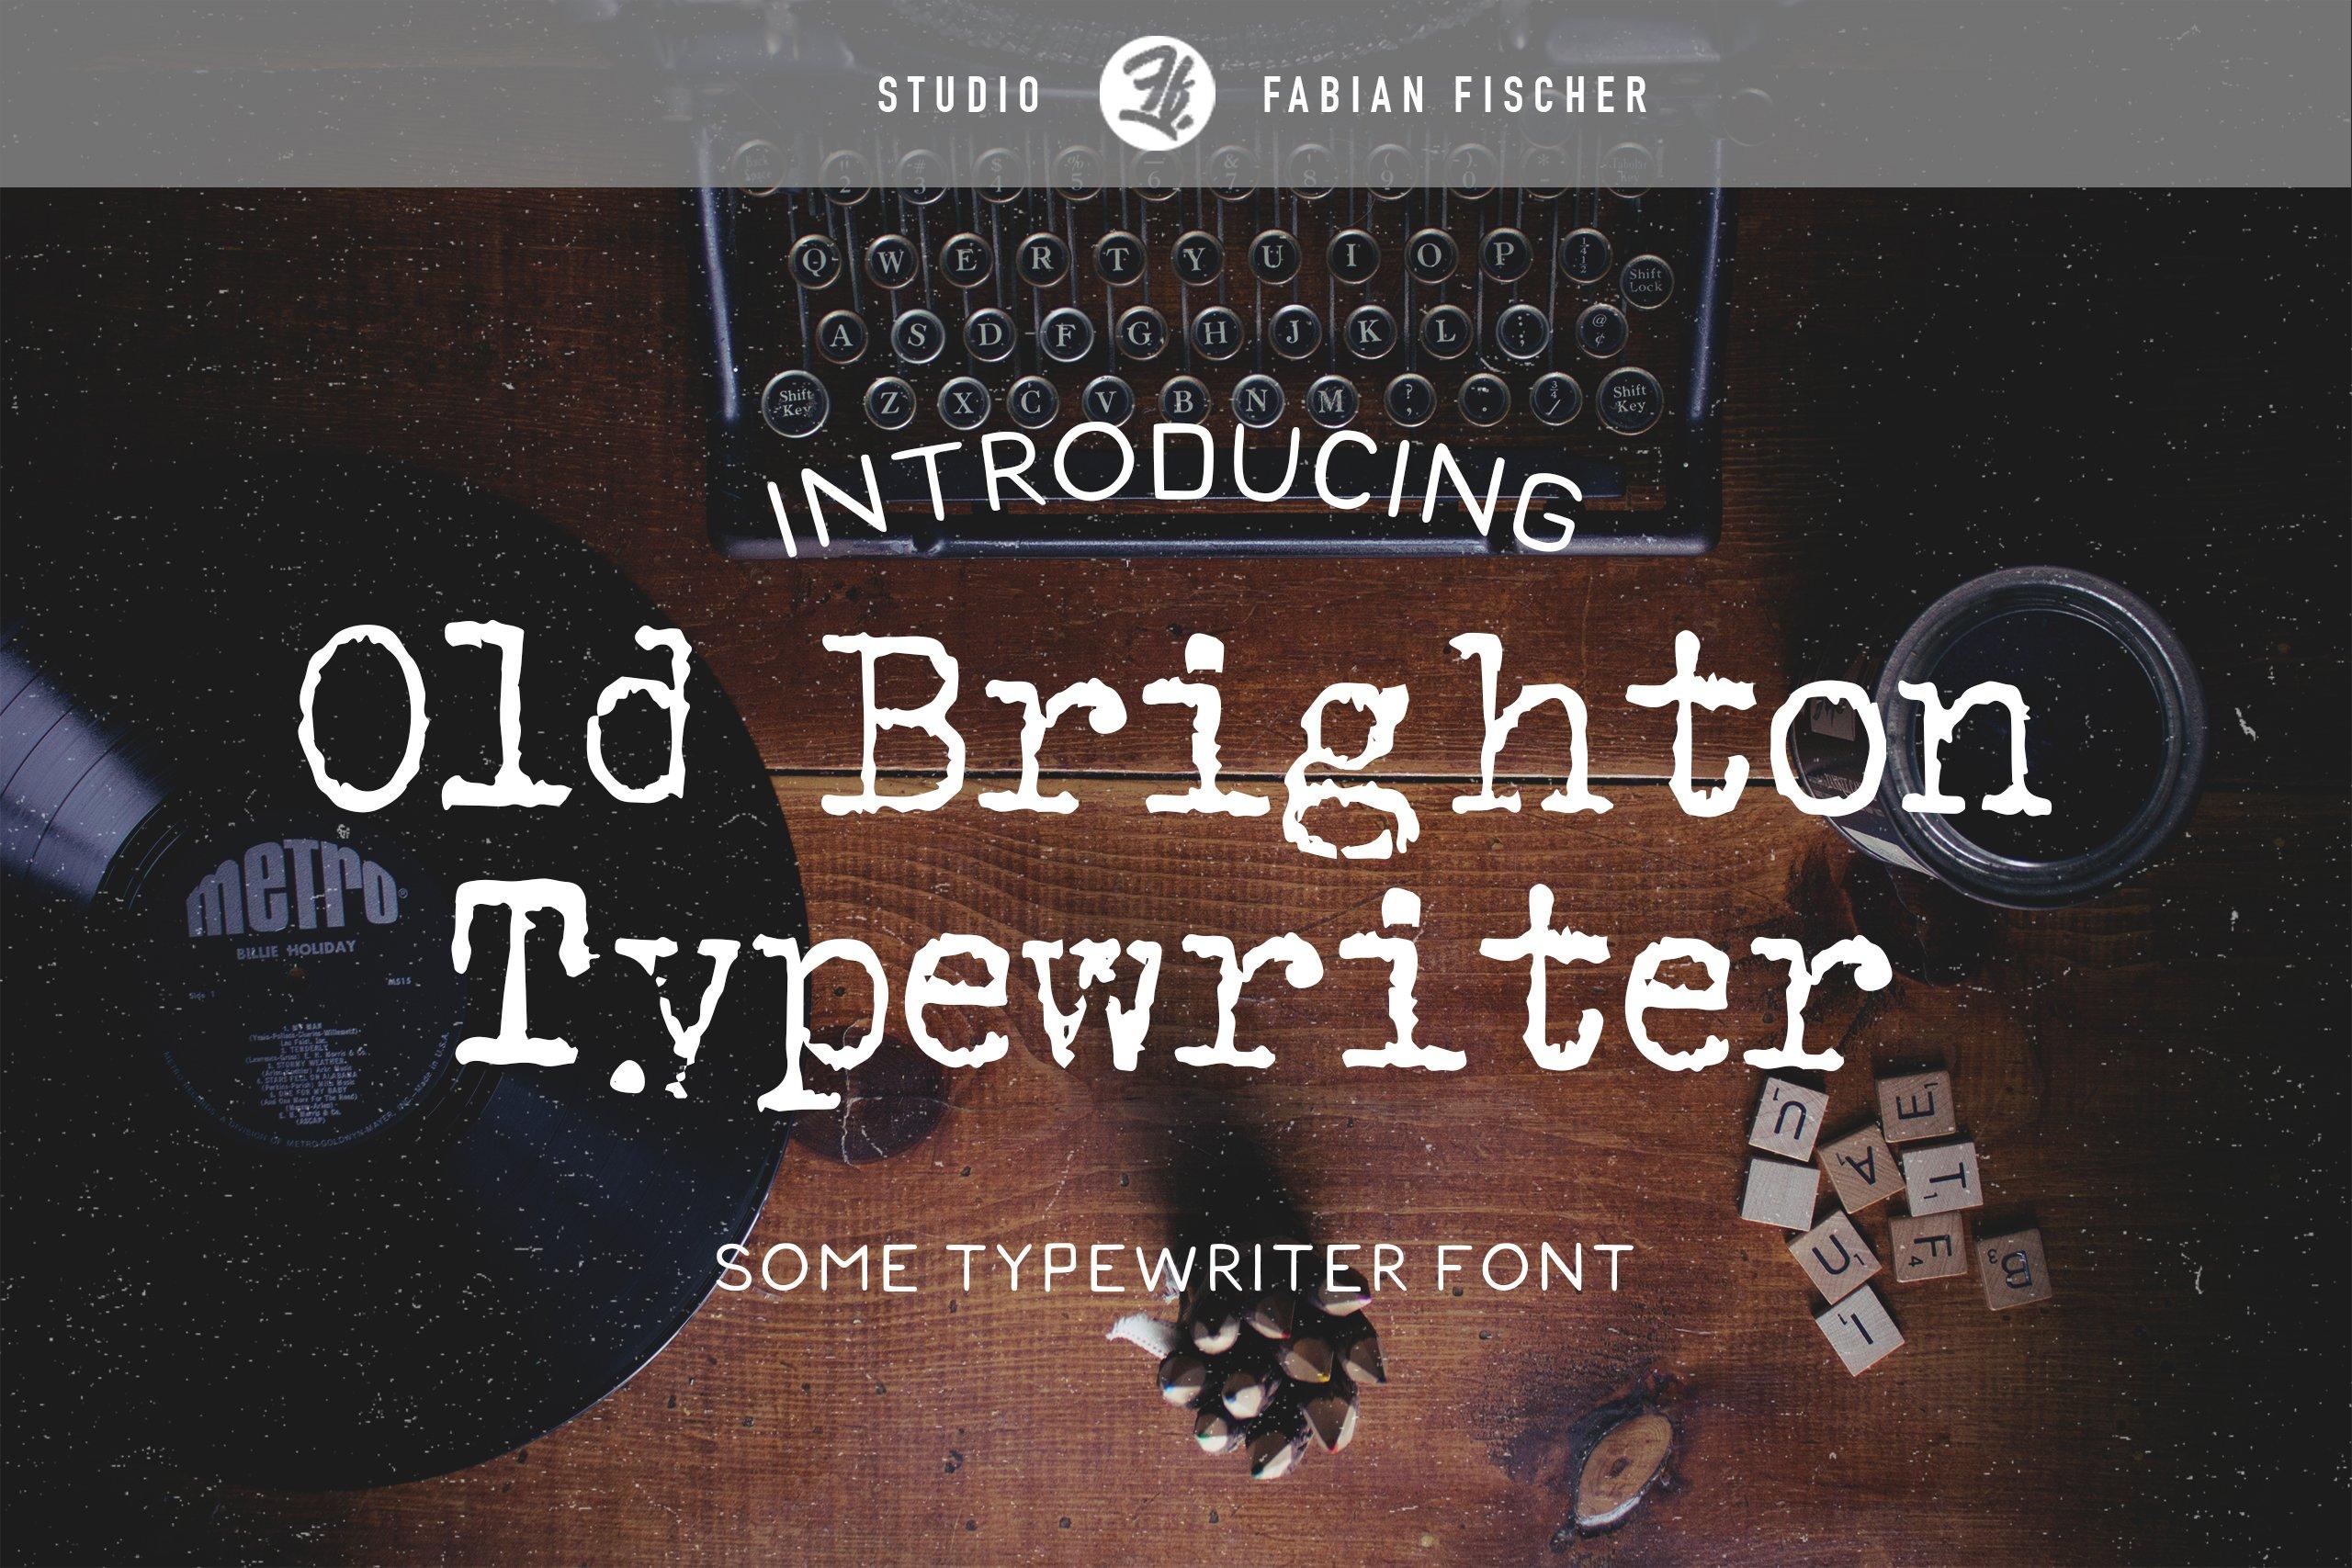 Rustic Typewriter Font Free